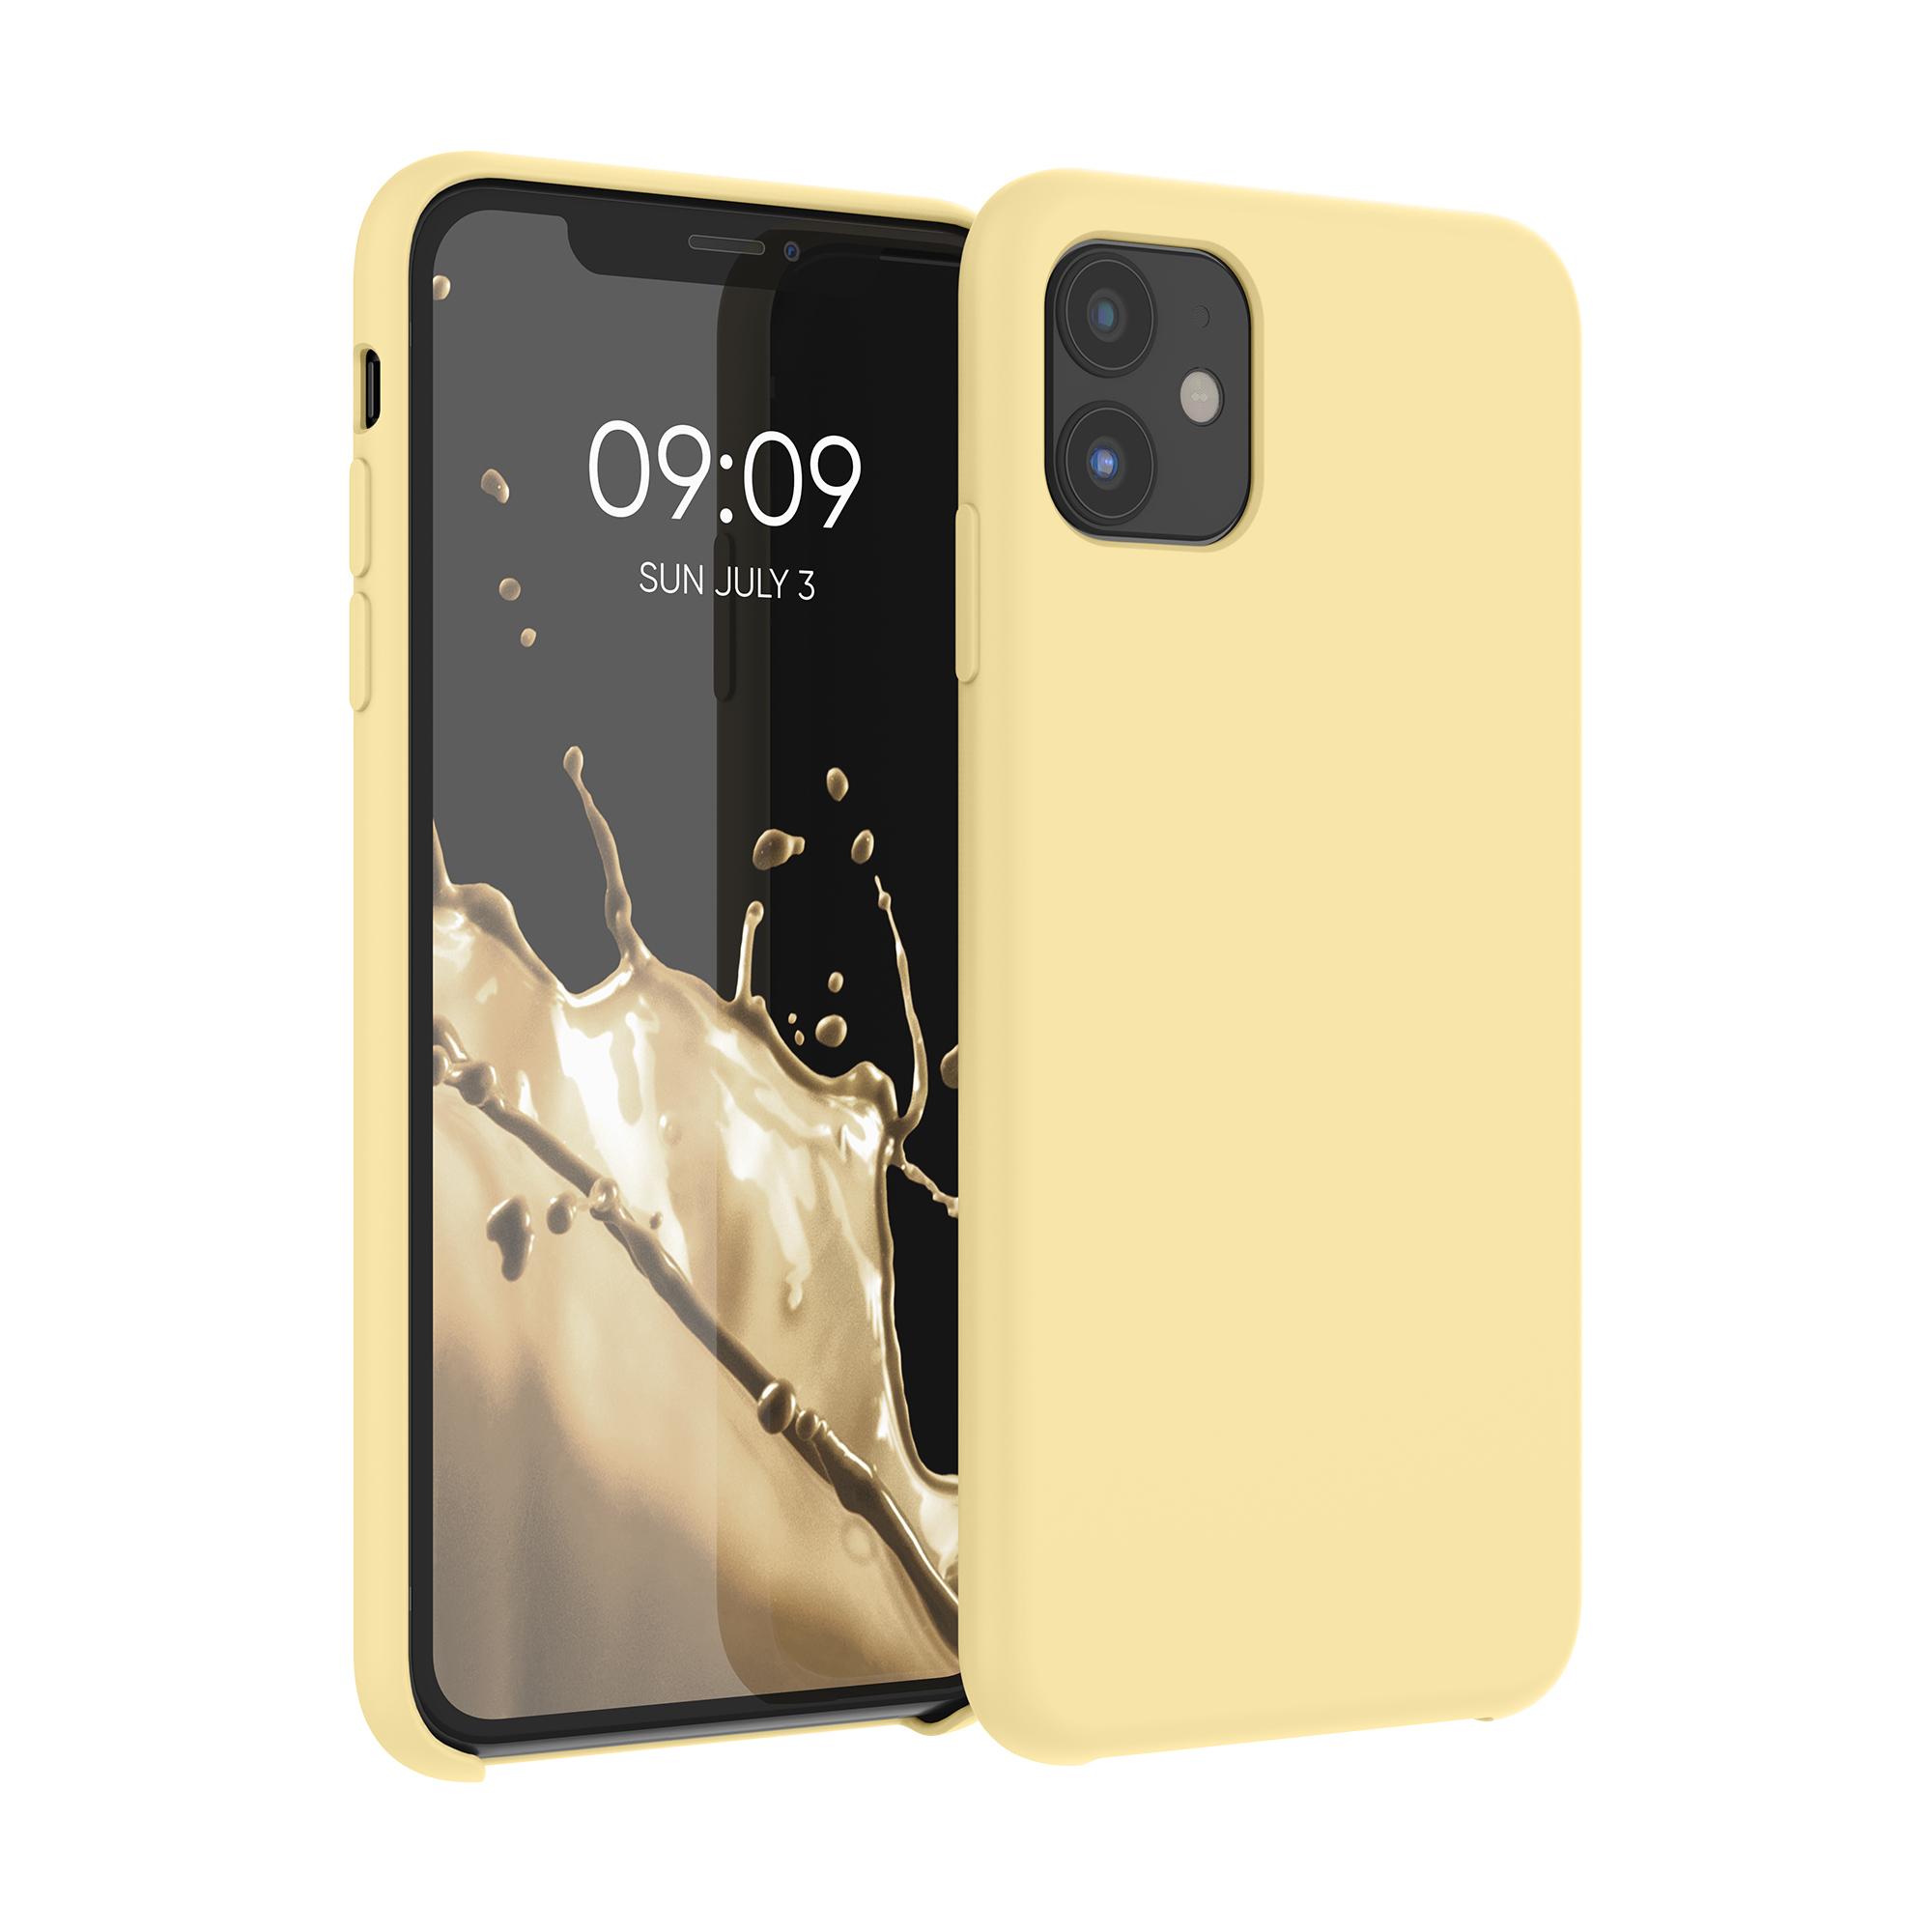 Kvalitní silikonové TPU pouzdro pro Apple iPhone 11 - Světle žlutá